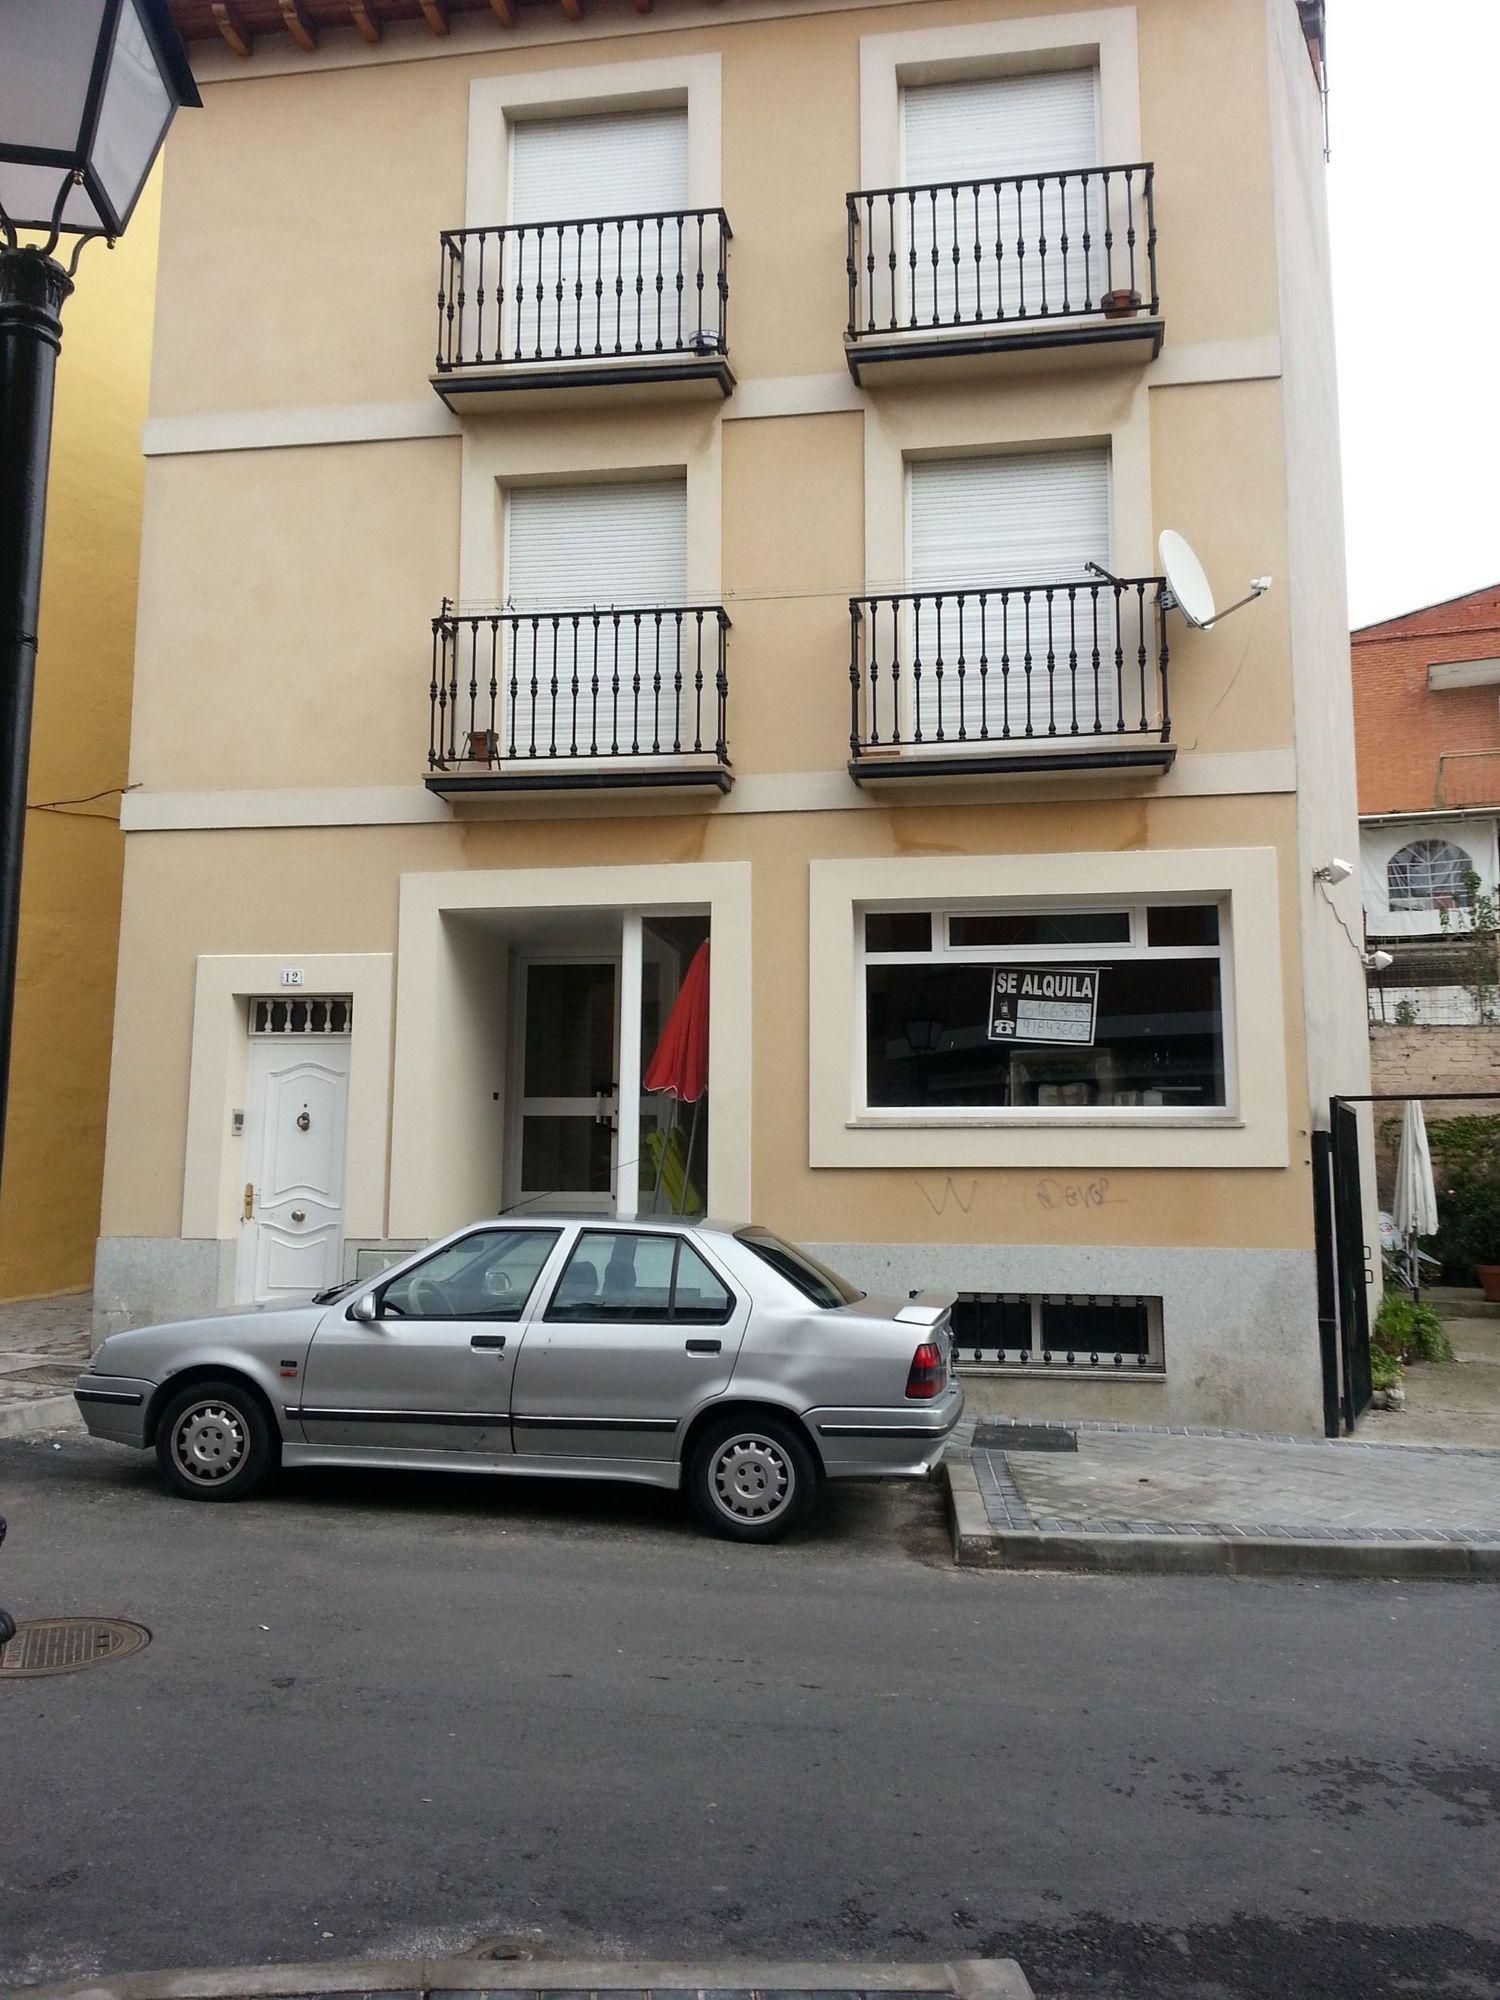 Local comercial en alquiler en calle Lucio Benito, San Agustín de Guadalix - 358089683